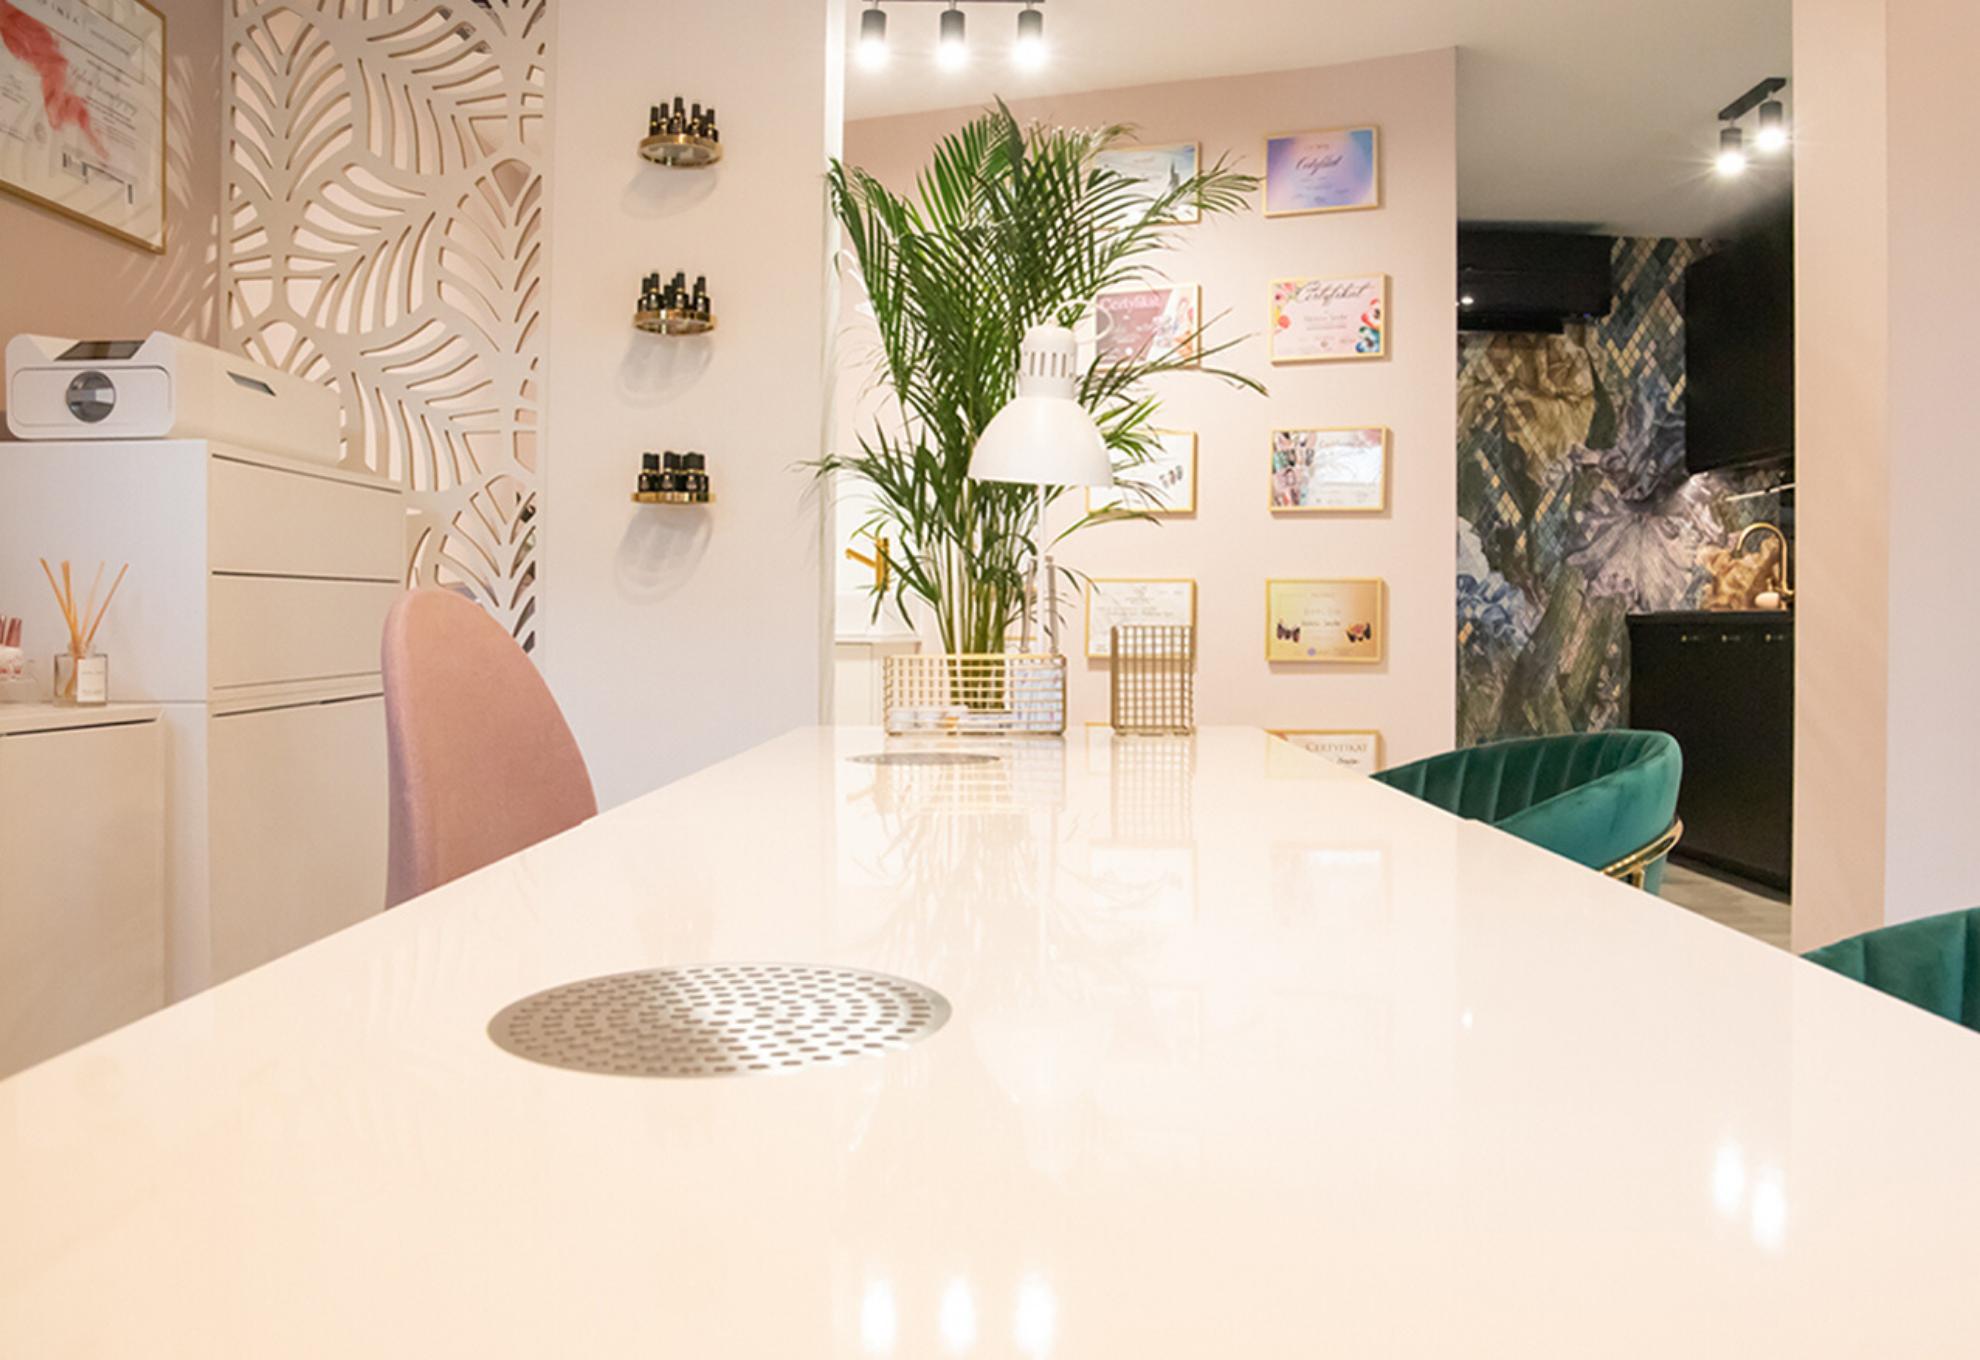 NS Nail Studio - wnętrze salonu stylizacji paznokci